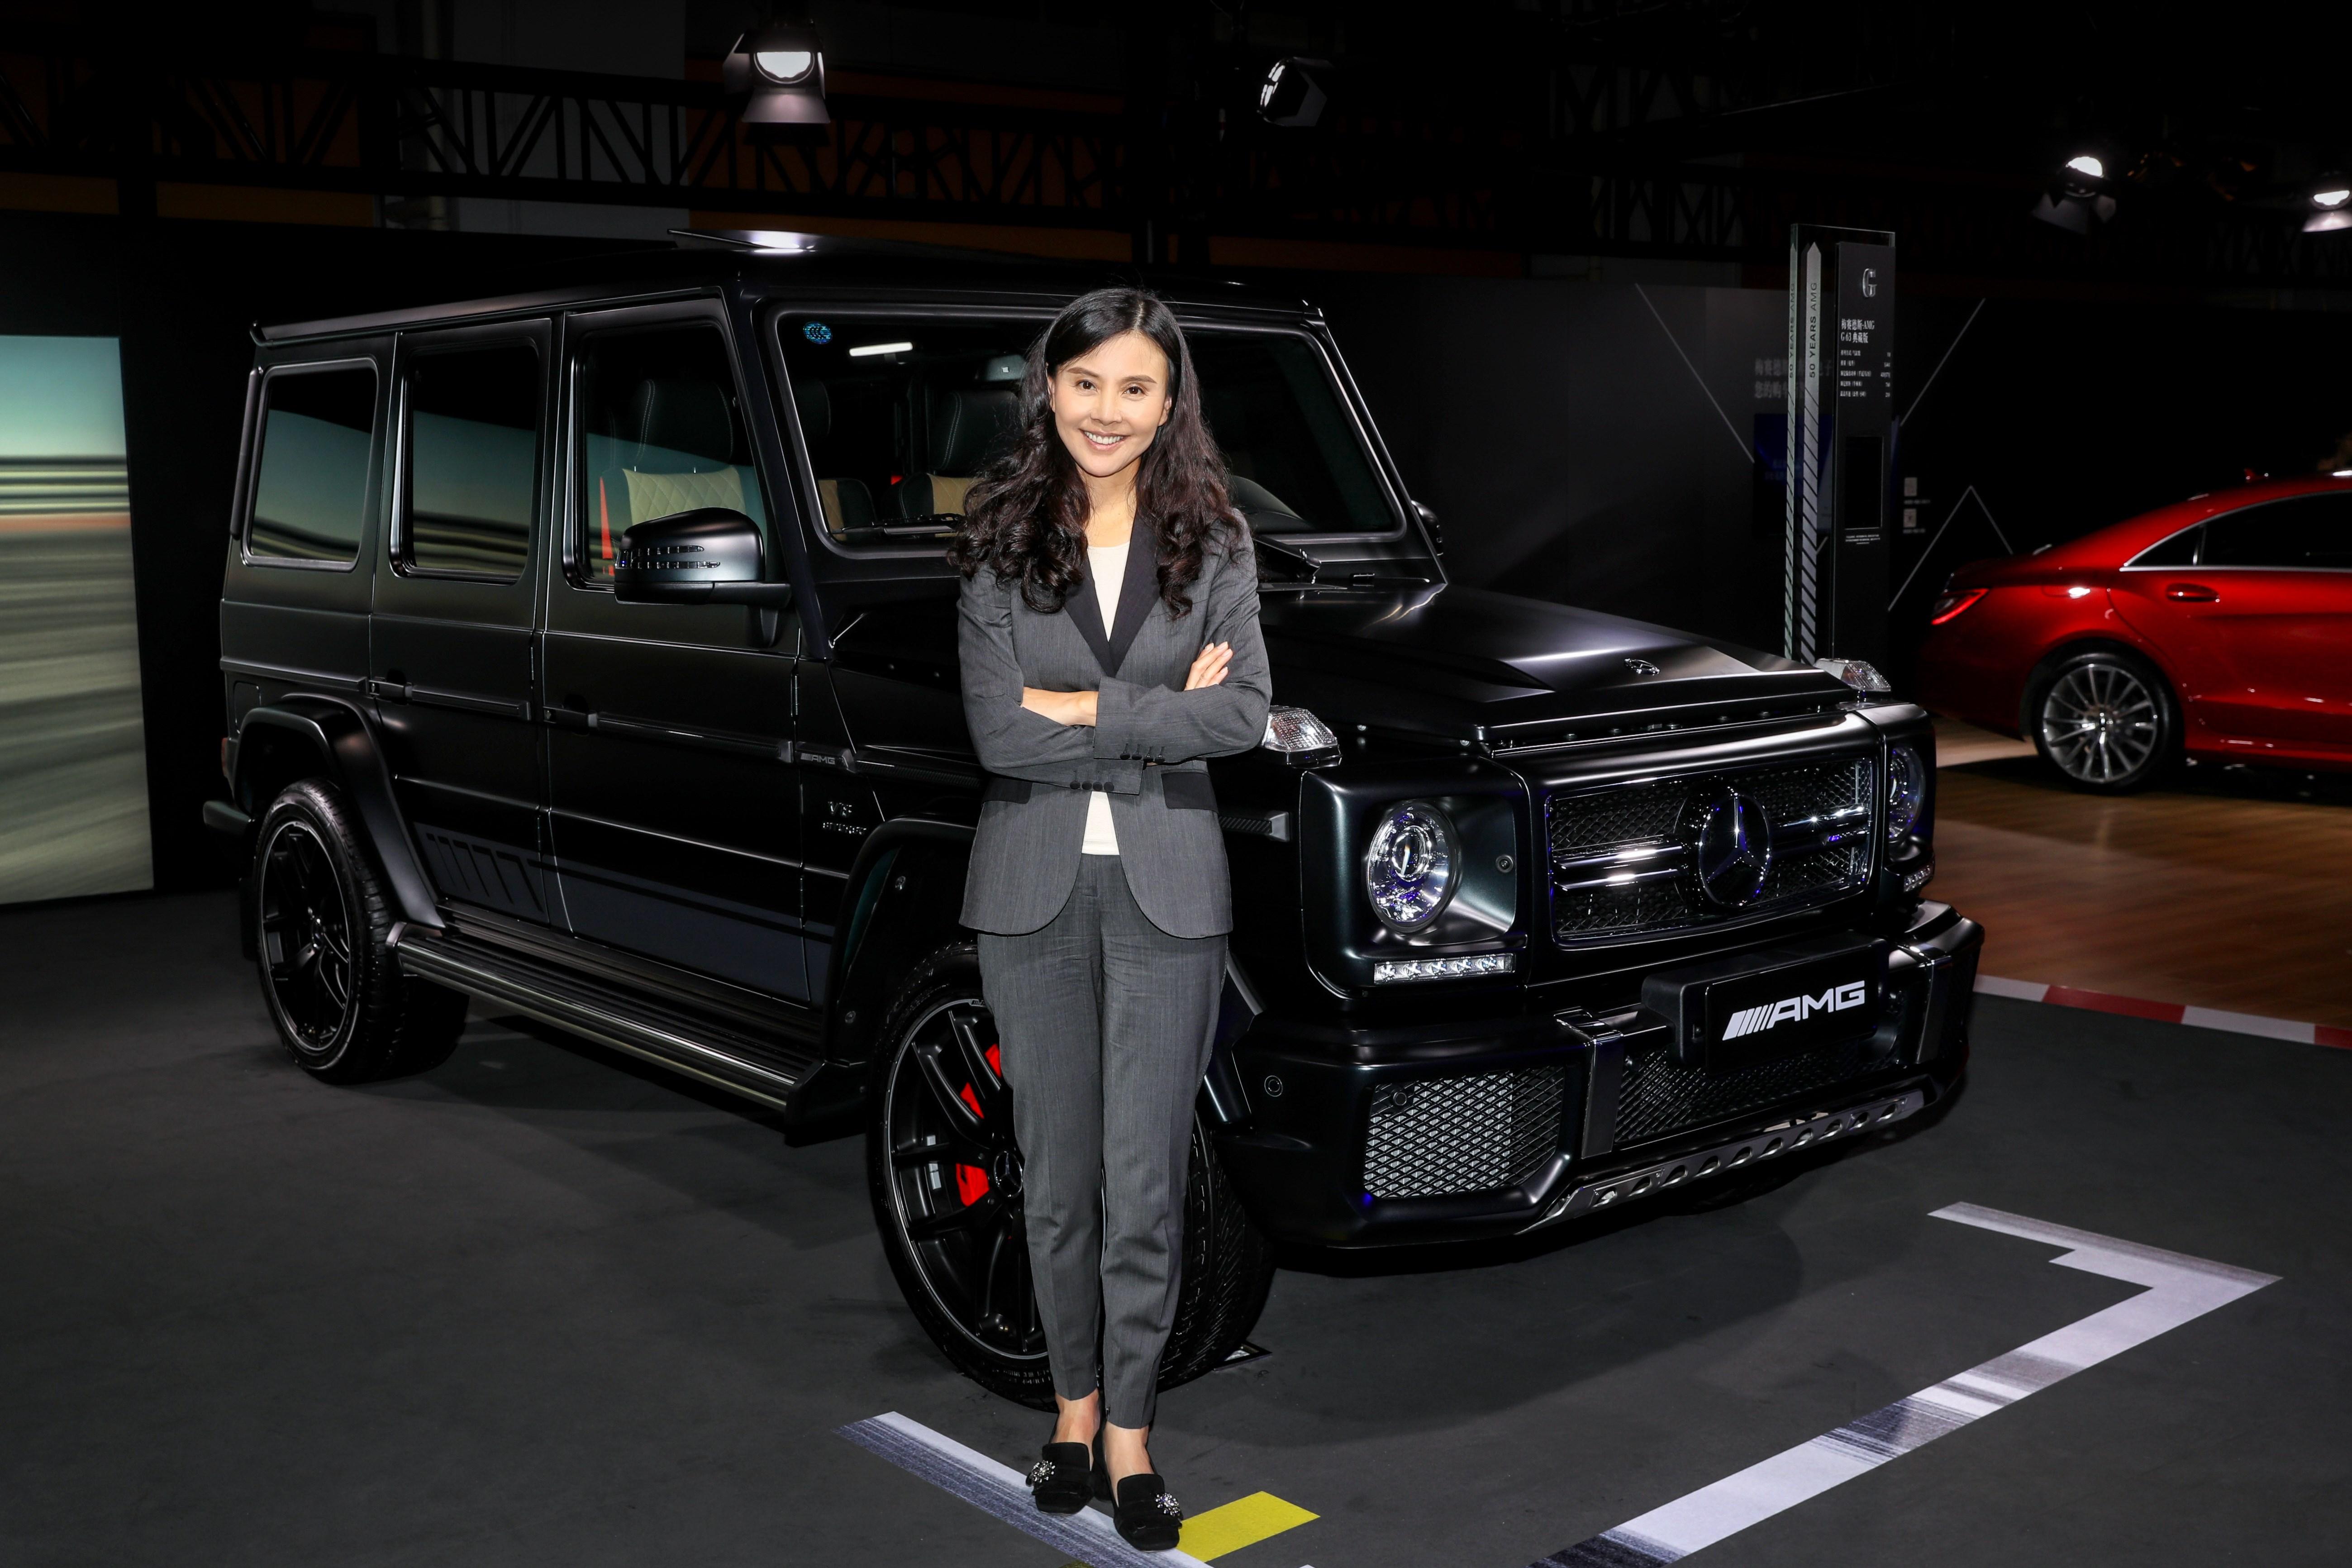 奔驰毛京波:AMG蓄势 V级车起航 smart做分享